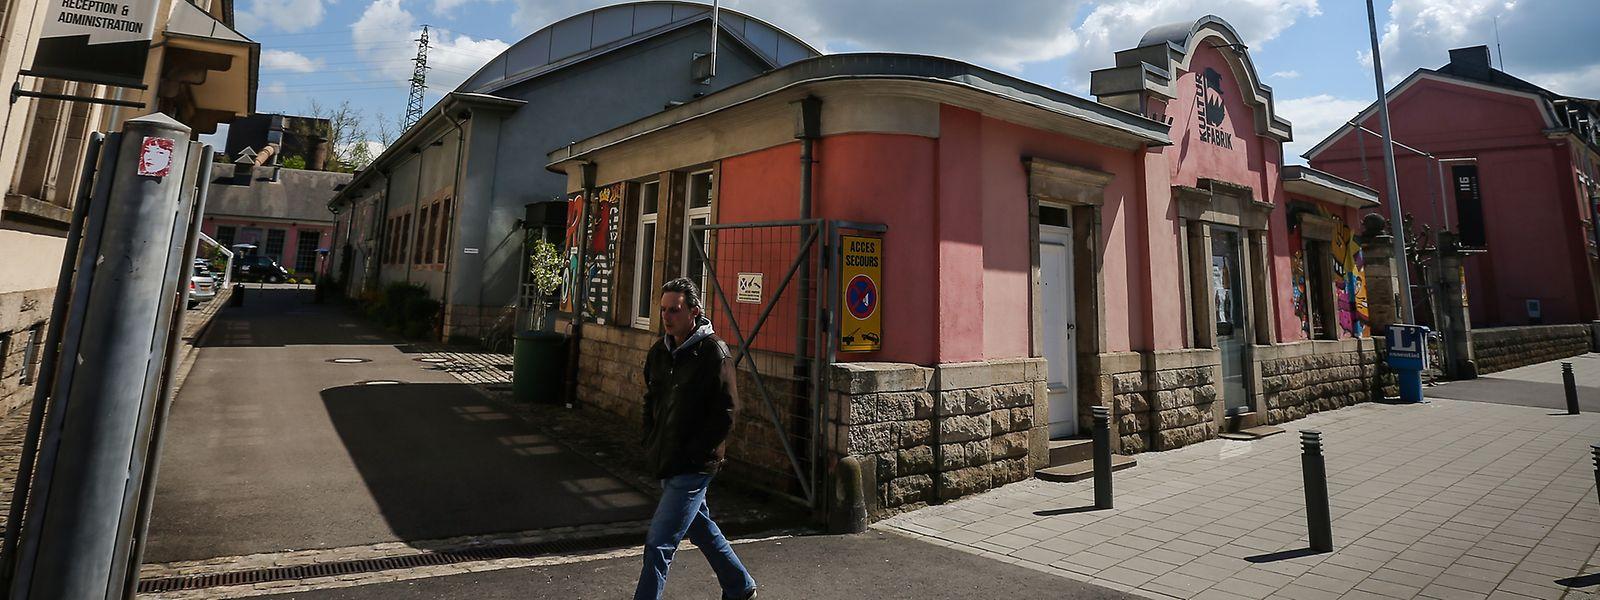 La Kulturfabrik reprend petit à petit ses activités, privée de spectacles en tout cas depuis la mi-mars.